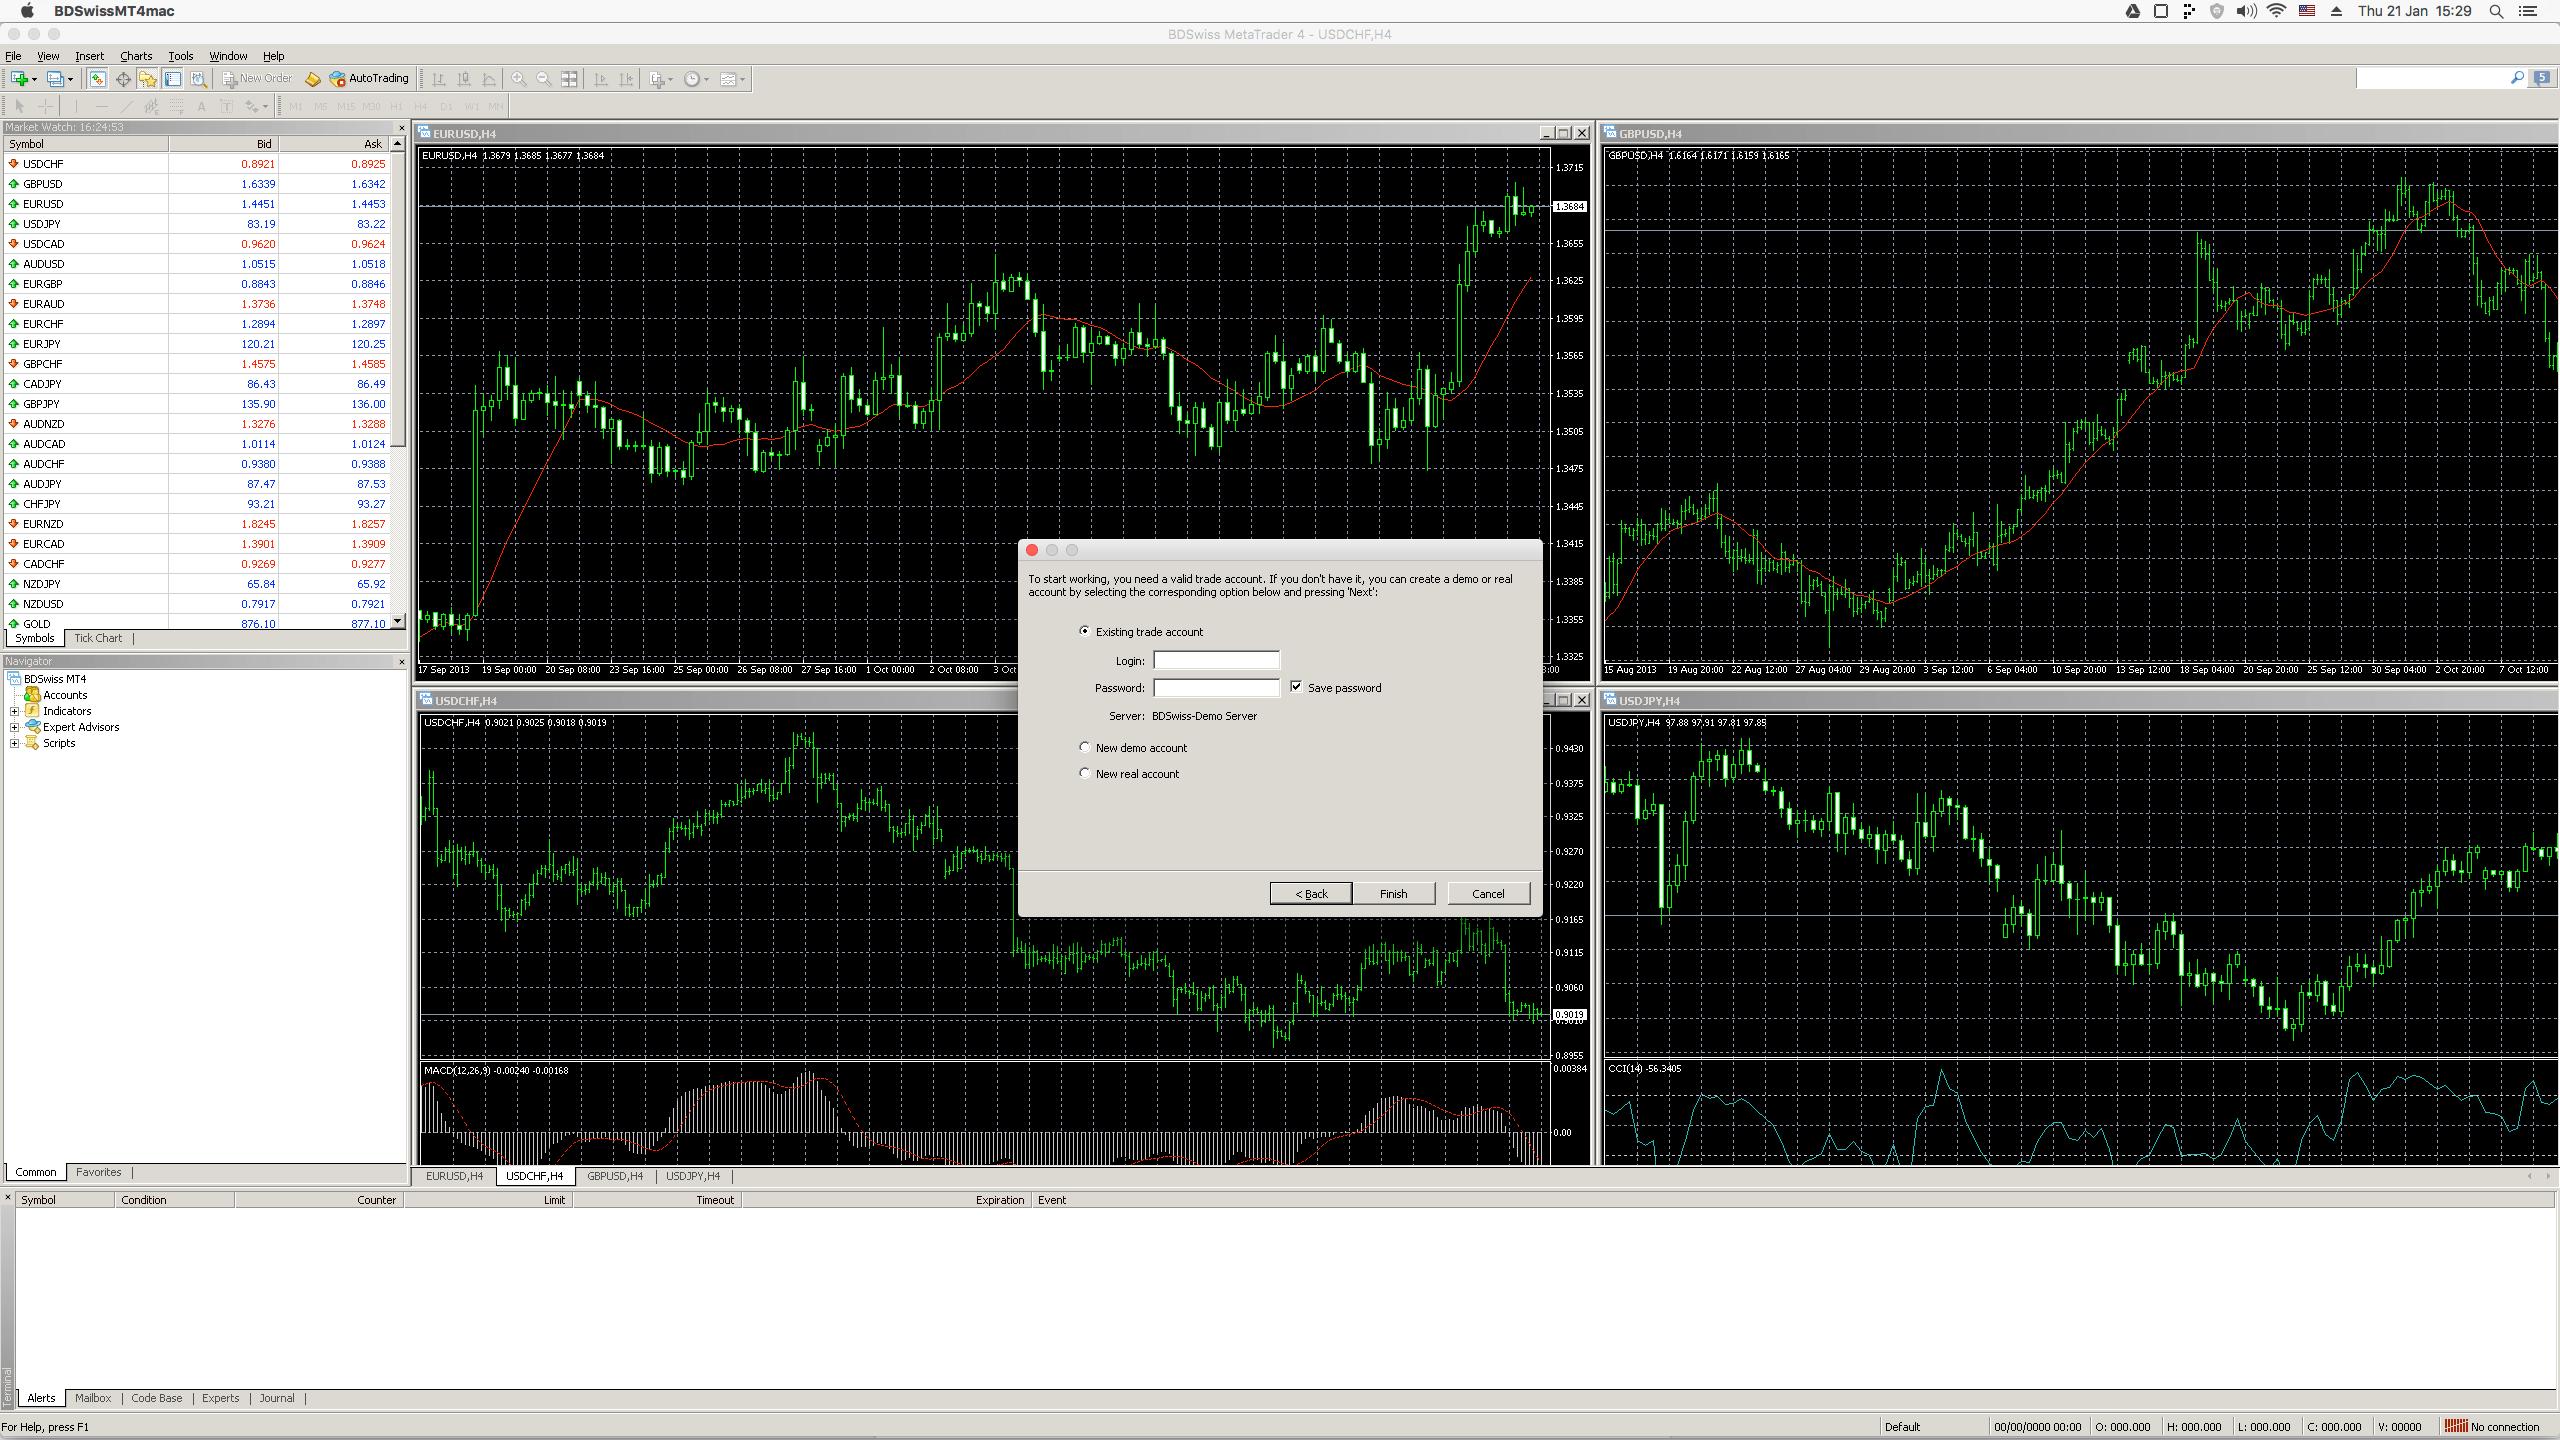 BDSwissForexMT4_file05